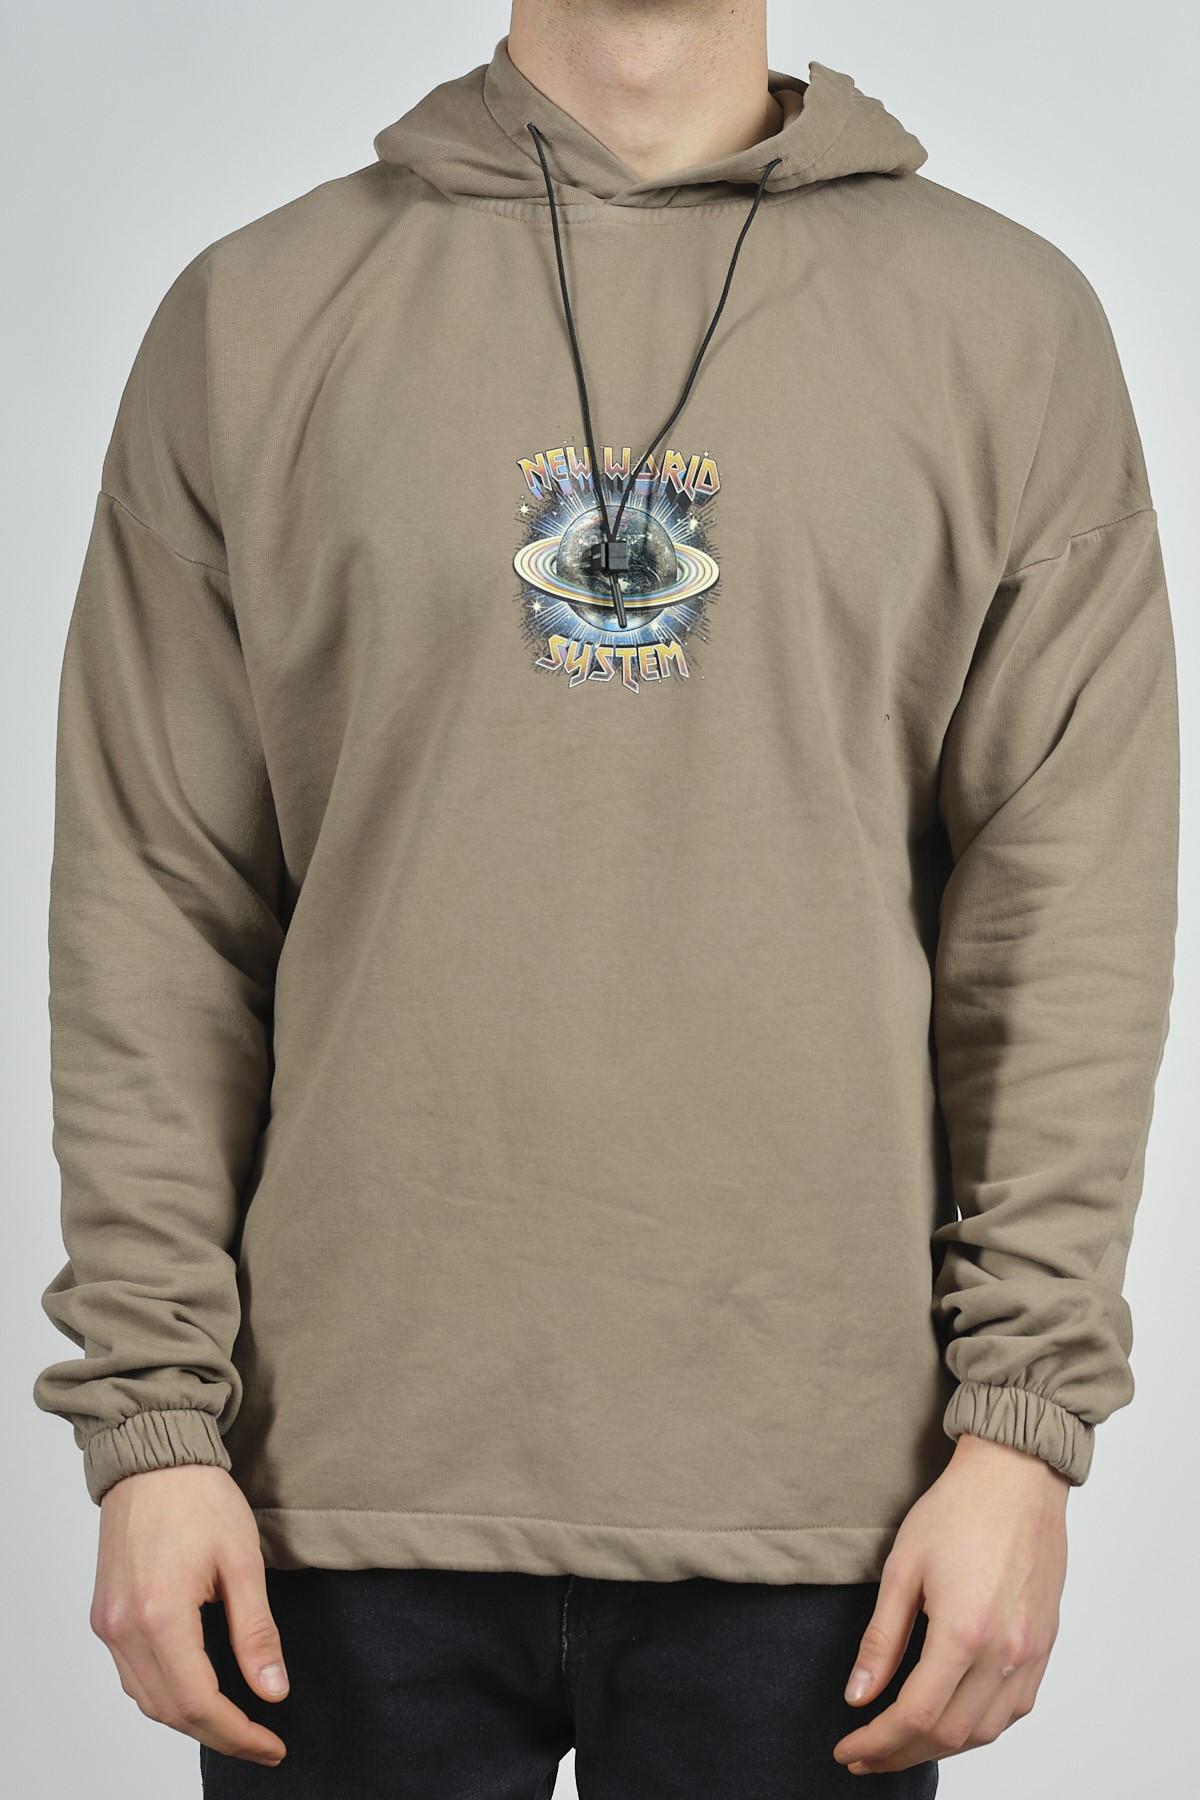 - Açık Kahve Yıkamalı Baskılı Sweatshirt 1KXE8-44281-39